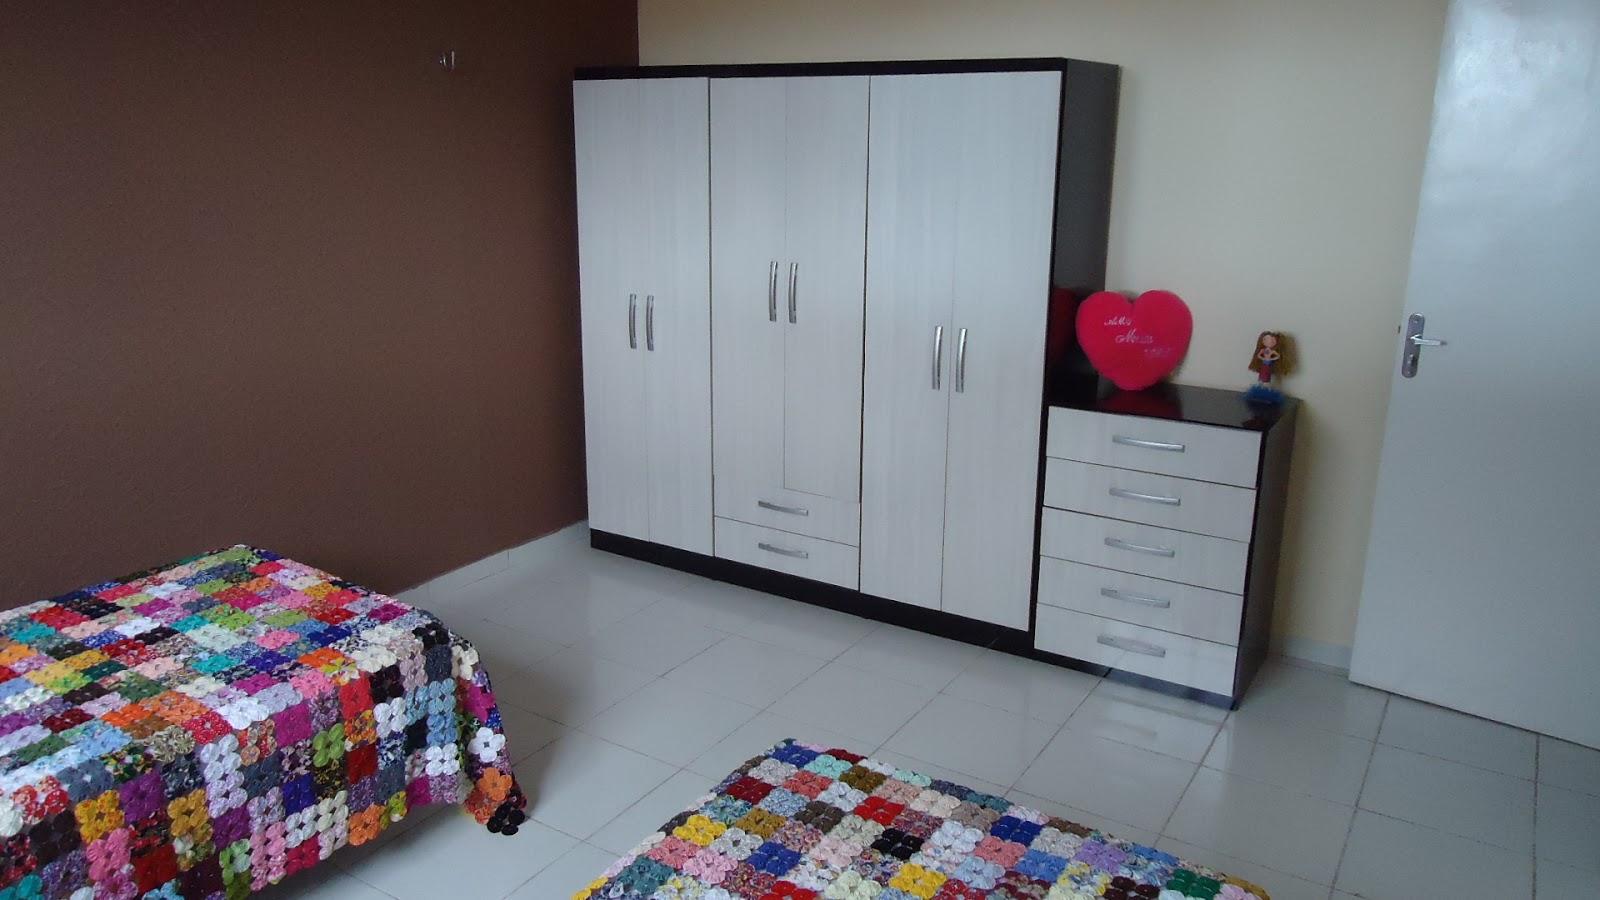 Outro ângulo da foto de outro quarto do pensionato Lar da Meninax (Fortaleza-CE)